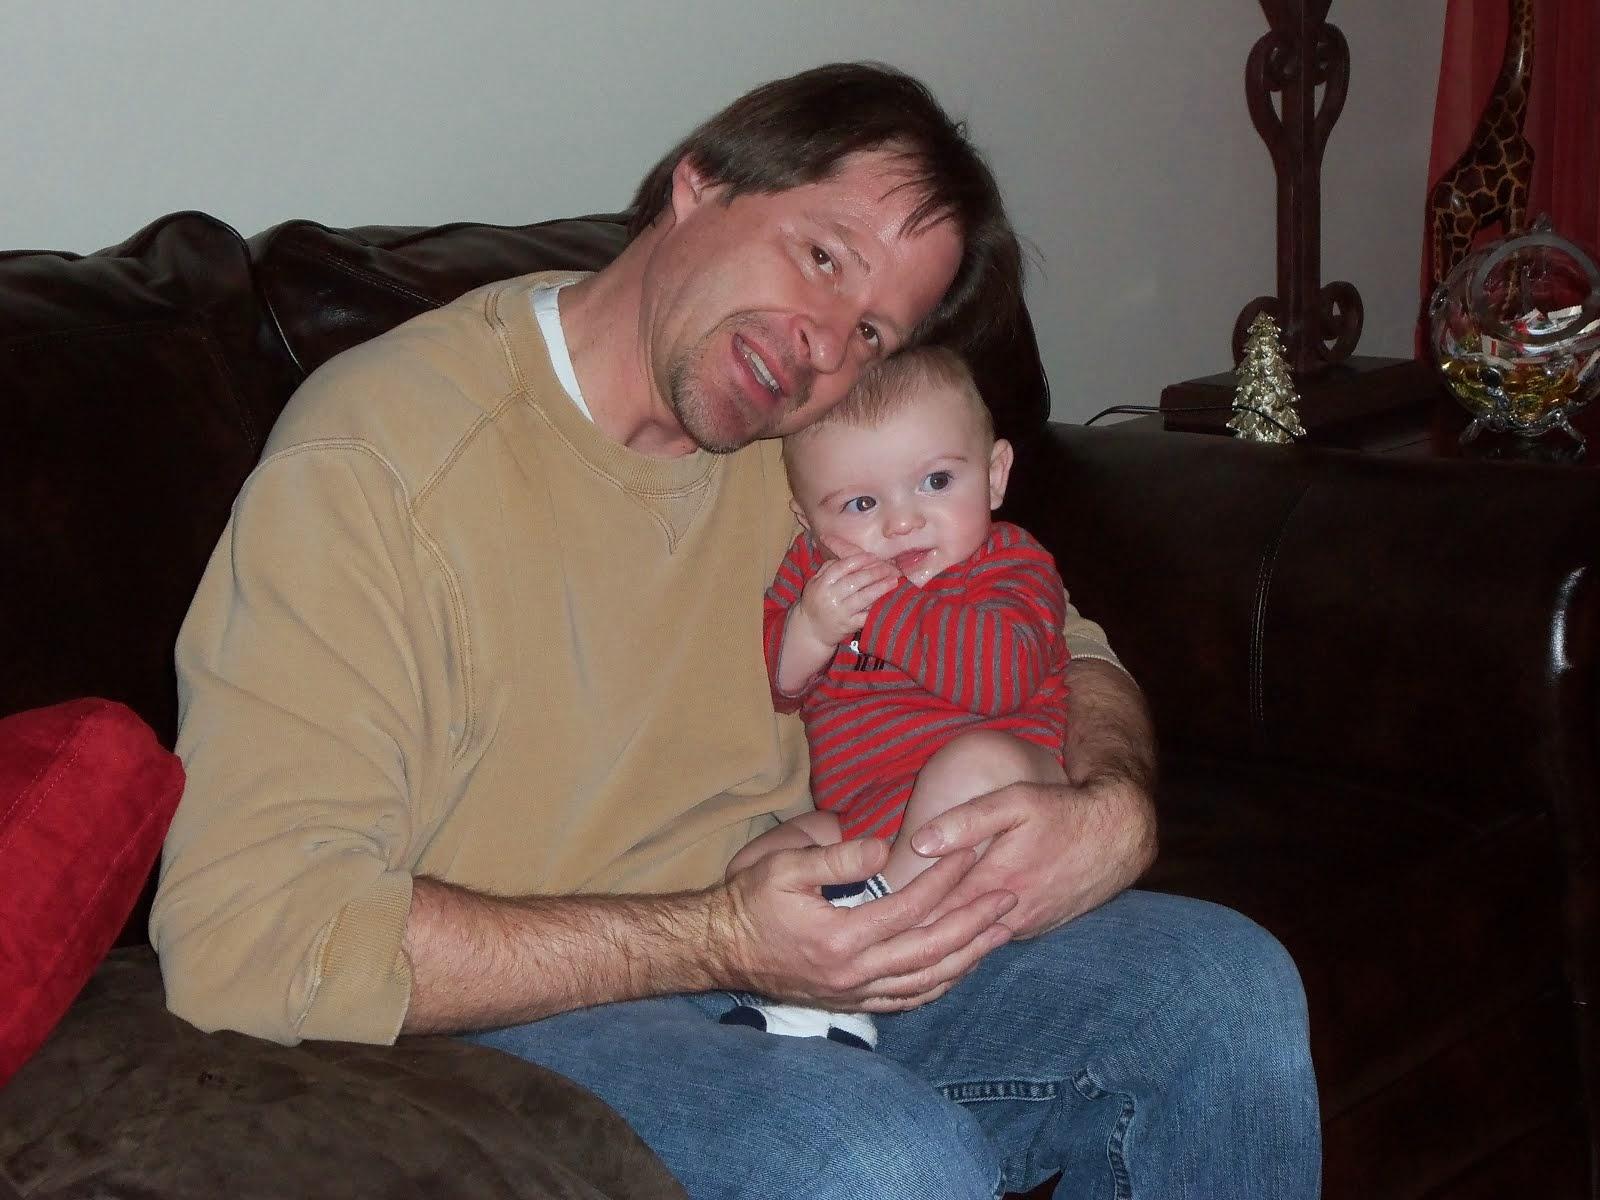 Wriggs and Papaw